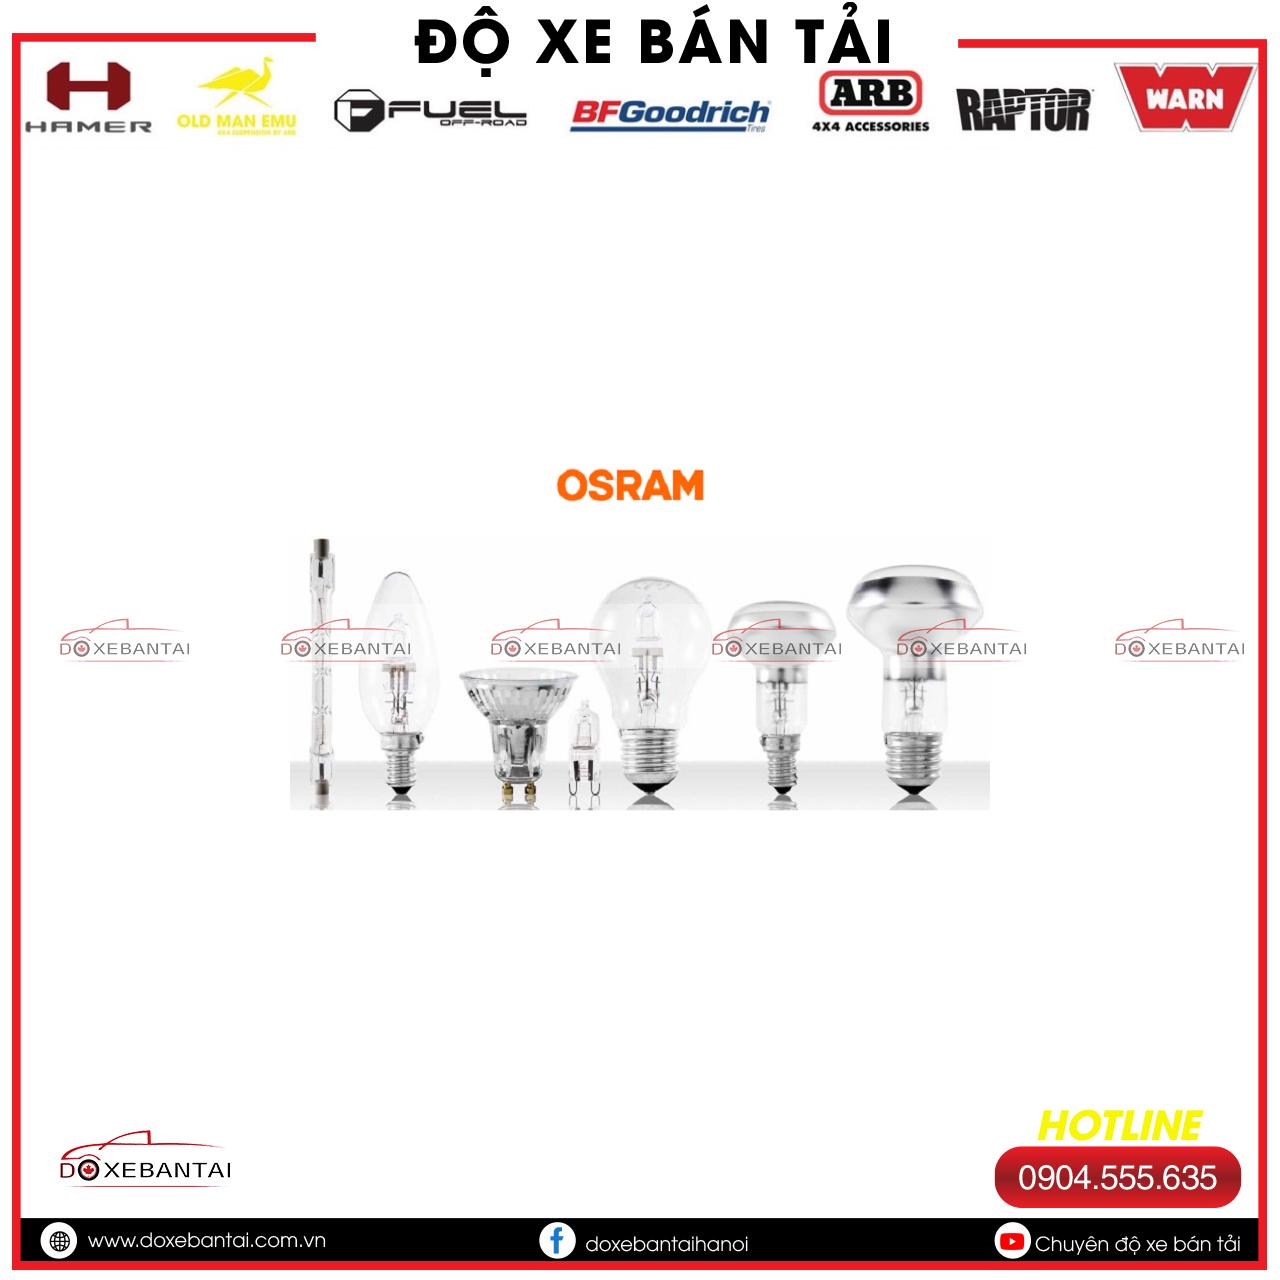 Den-LED-Osram-va-nhung-thong-tin-ban-can-biet-4.jpg